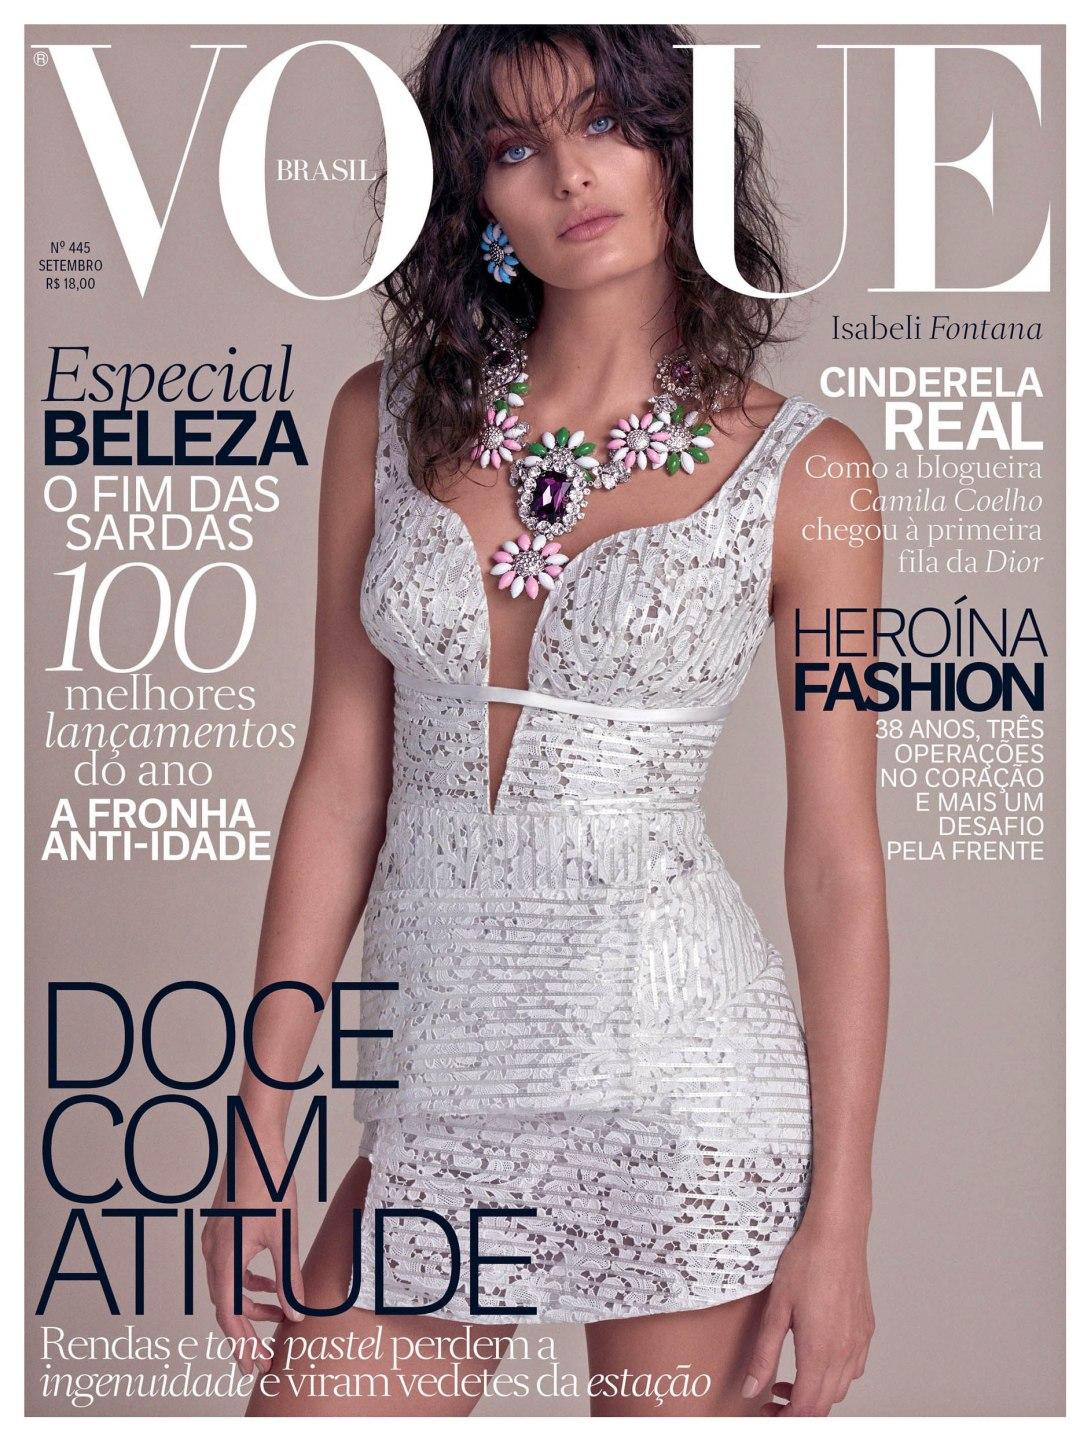 A top Isabeli Fontana veste Tufi Duek na capa da Vogue setembro. Design: Eduardo Pombal, Modelagem e desenvolvimento: Christian Monteiro e Denise Mazini